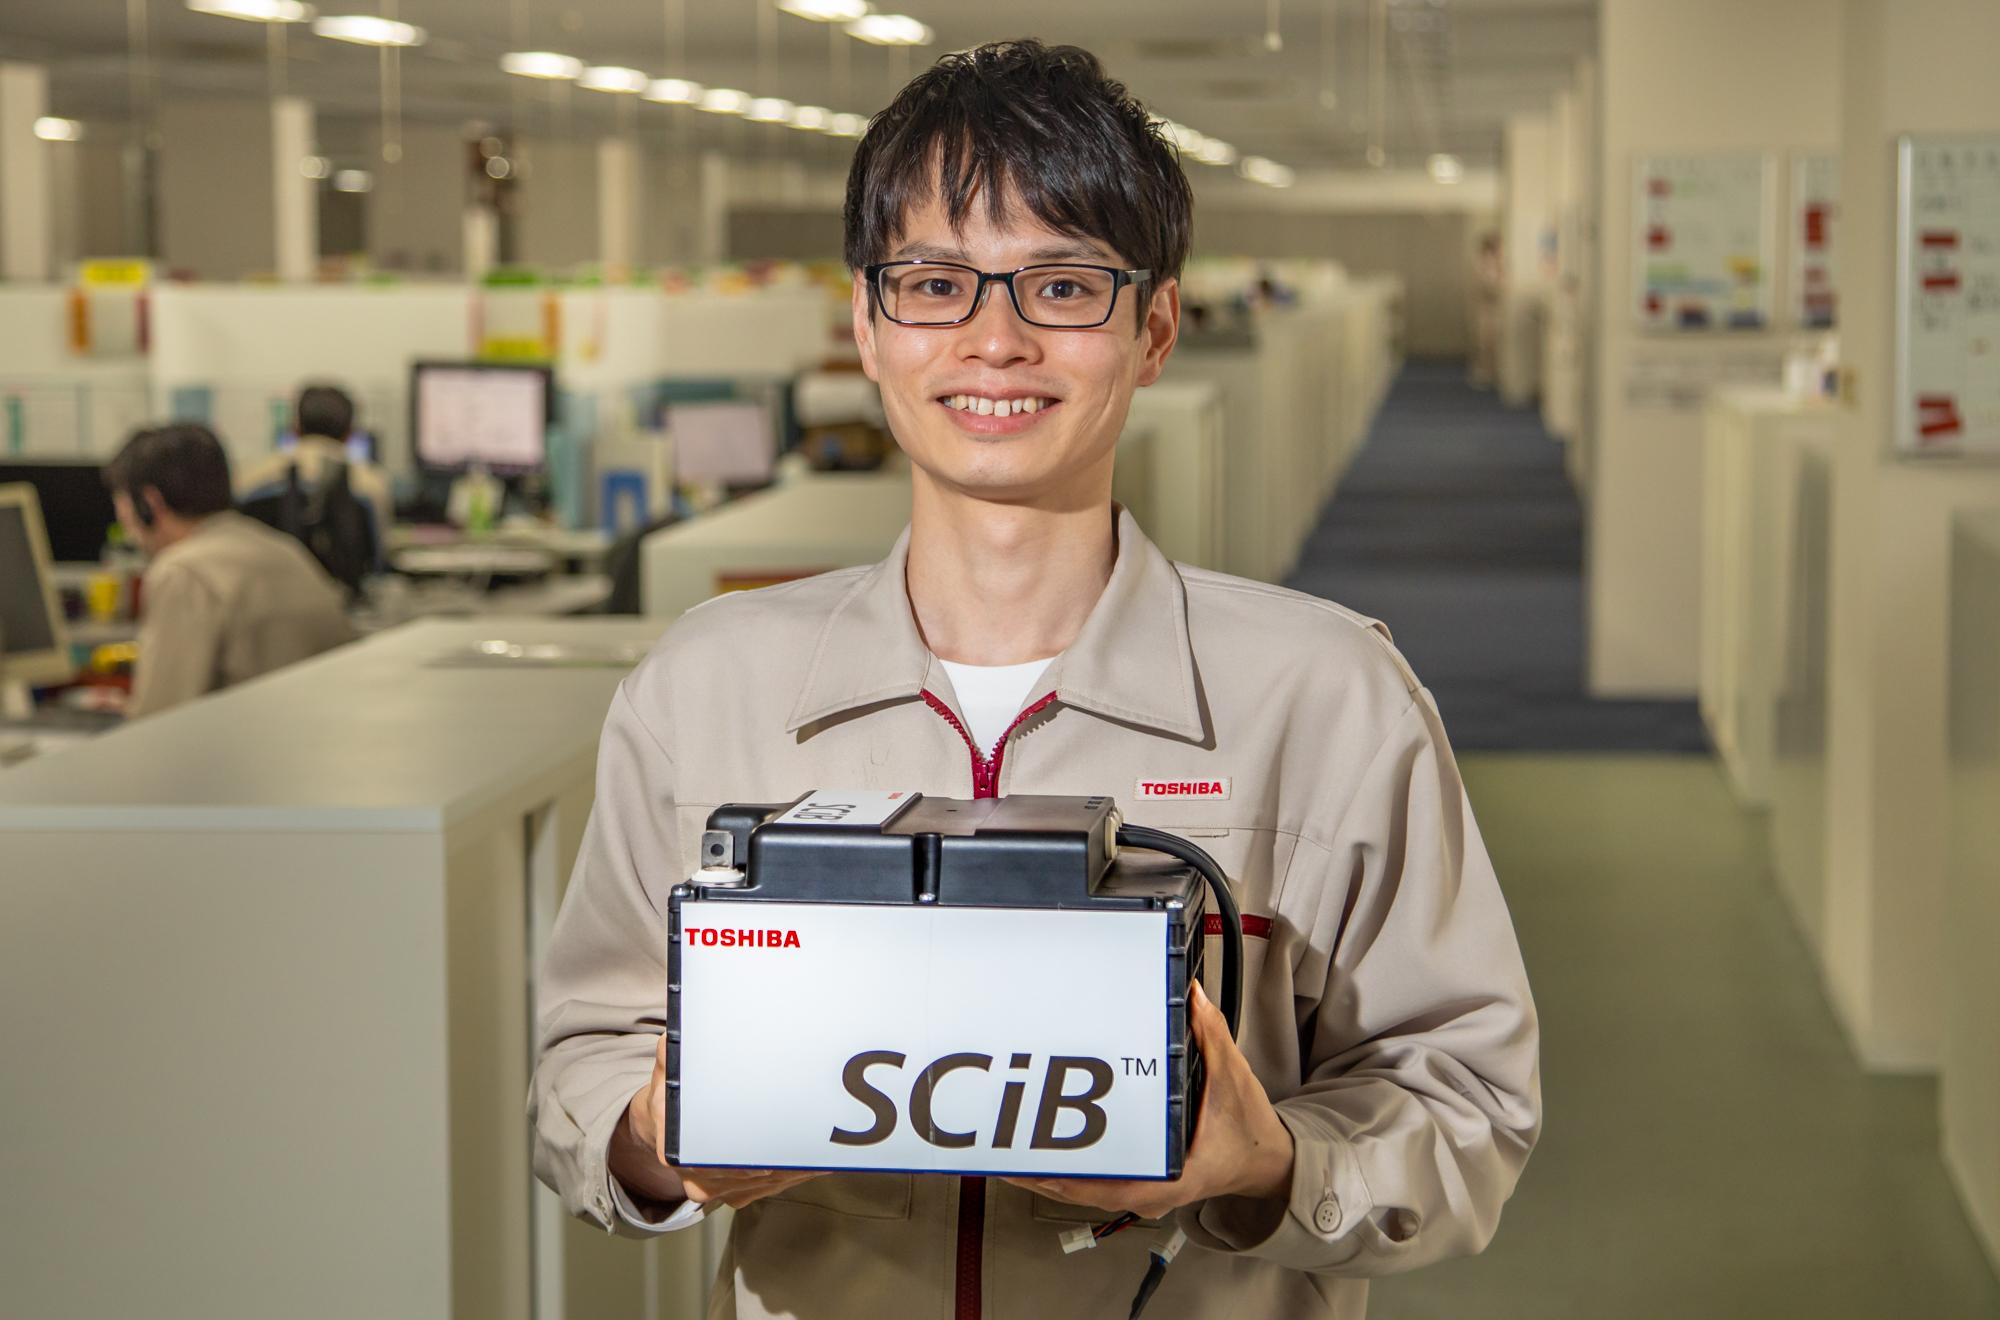 自動搬送ロボットなどに使用されるリチウムイオン電池パック(SCiB™)